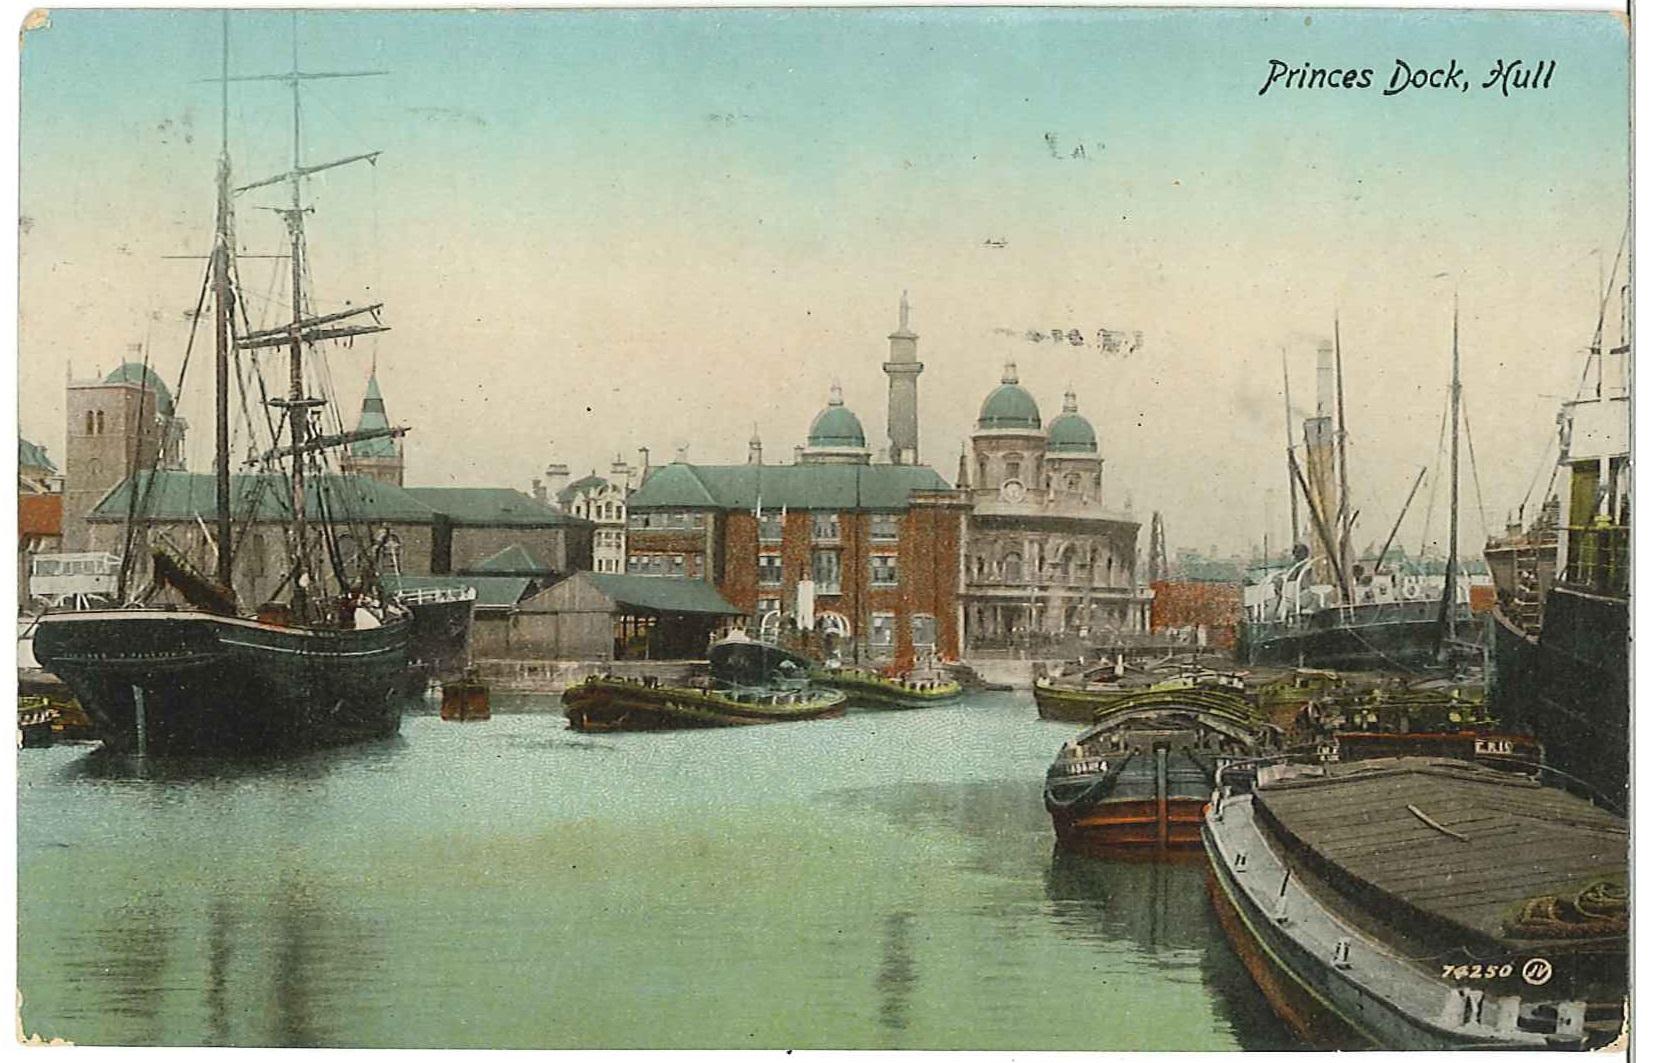 Princess Dock in Hull op een ingekleurde ansichtkaart uit het begin van de vorige eeuw. (Collectie N.P. Pellenbarg)